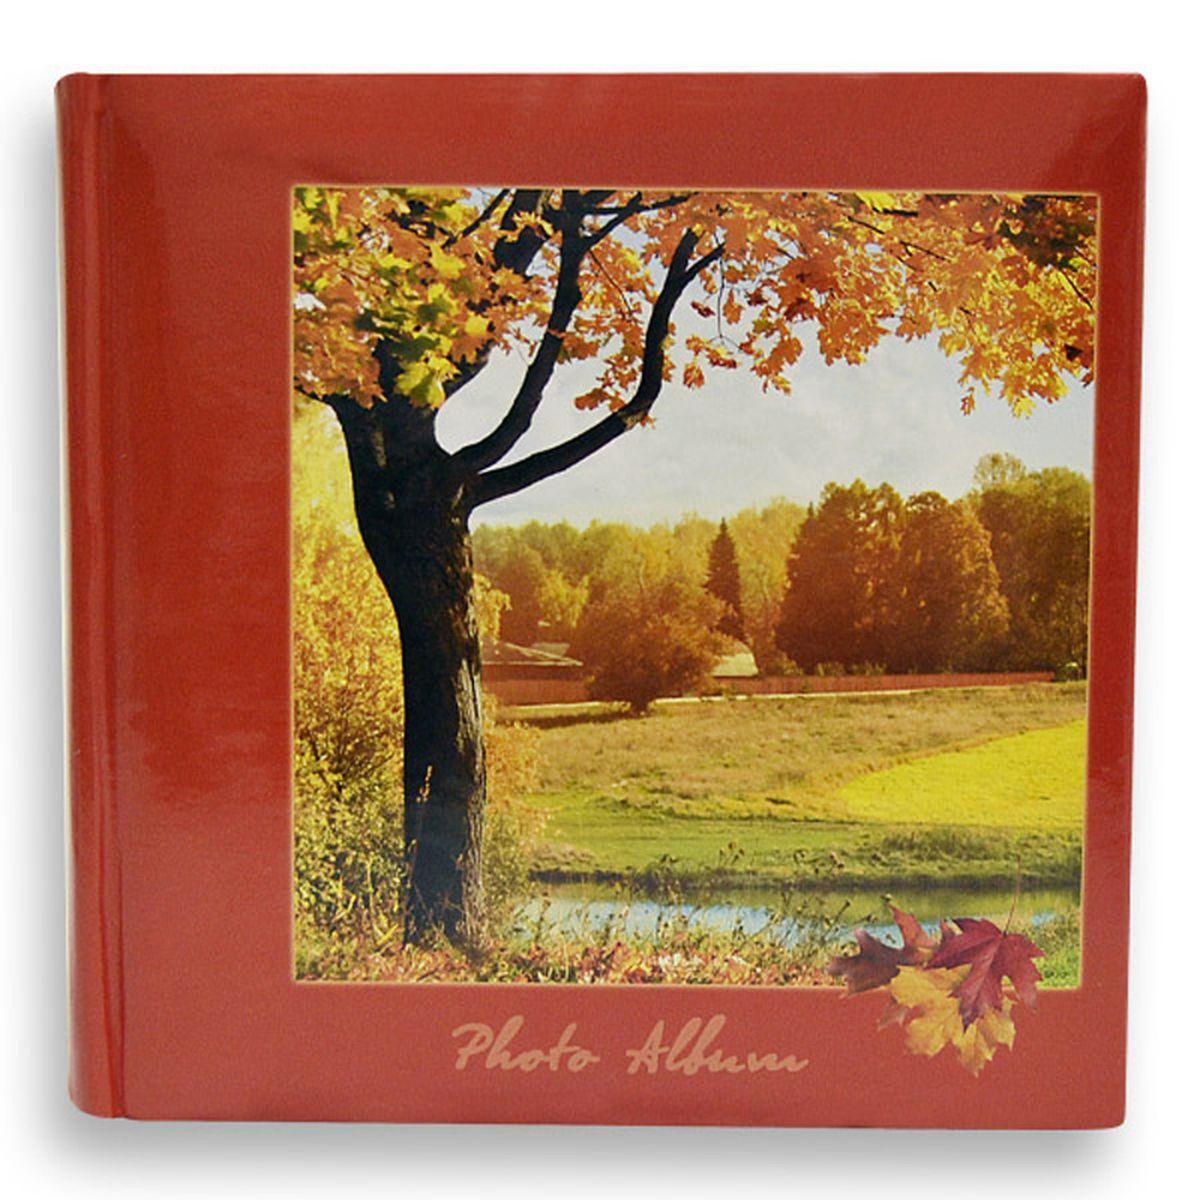 Фотоальбом Pioneer 4 Seasons, 200 фотографий, 10 х 15 см41272Фотоальбом Pioneer 4 Seasons позволит вам запечатлеть незабываемые моменты вашей жизни, сохранить свои истории и воспоминания на его страницах. Обложка из толстого картона оформлена оригинальным принтом. Фотоальбом рассчитан на 200 фотографии форматом 10 x 15 см. На каждом развороте имеются поля для заполнения и два кармашка для фотографий. Такой необычный фотоальбом позволит легко заполнить страницы вашей истории, и с годами ничего не забудется.Тип обложки: Ламинированный картон.Тип листов: бумажные.Тип переплета: книжный.Кол-во фотографий: 200.Материалы, использованные в изготовлении альбома, обеспечивают высокое качество хранения ваших фотографий, поэтому фотографии не желтеют со временем.